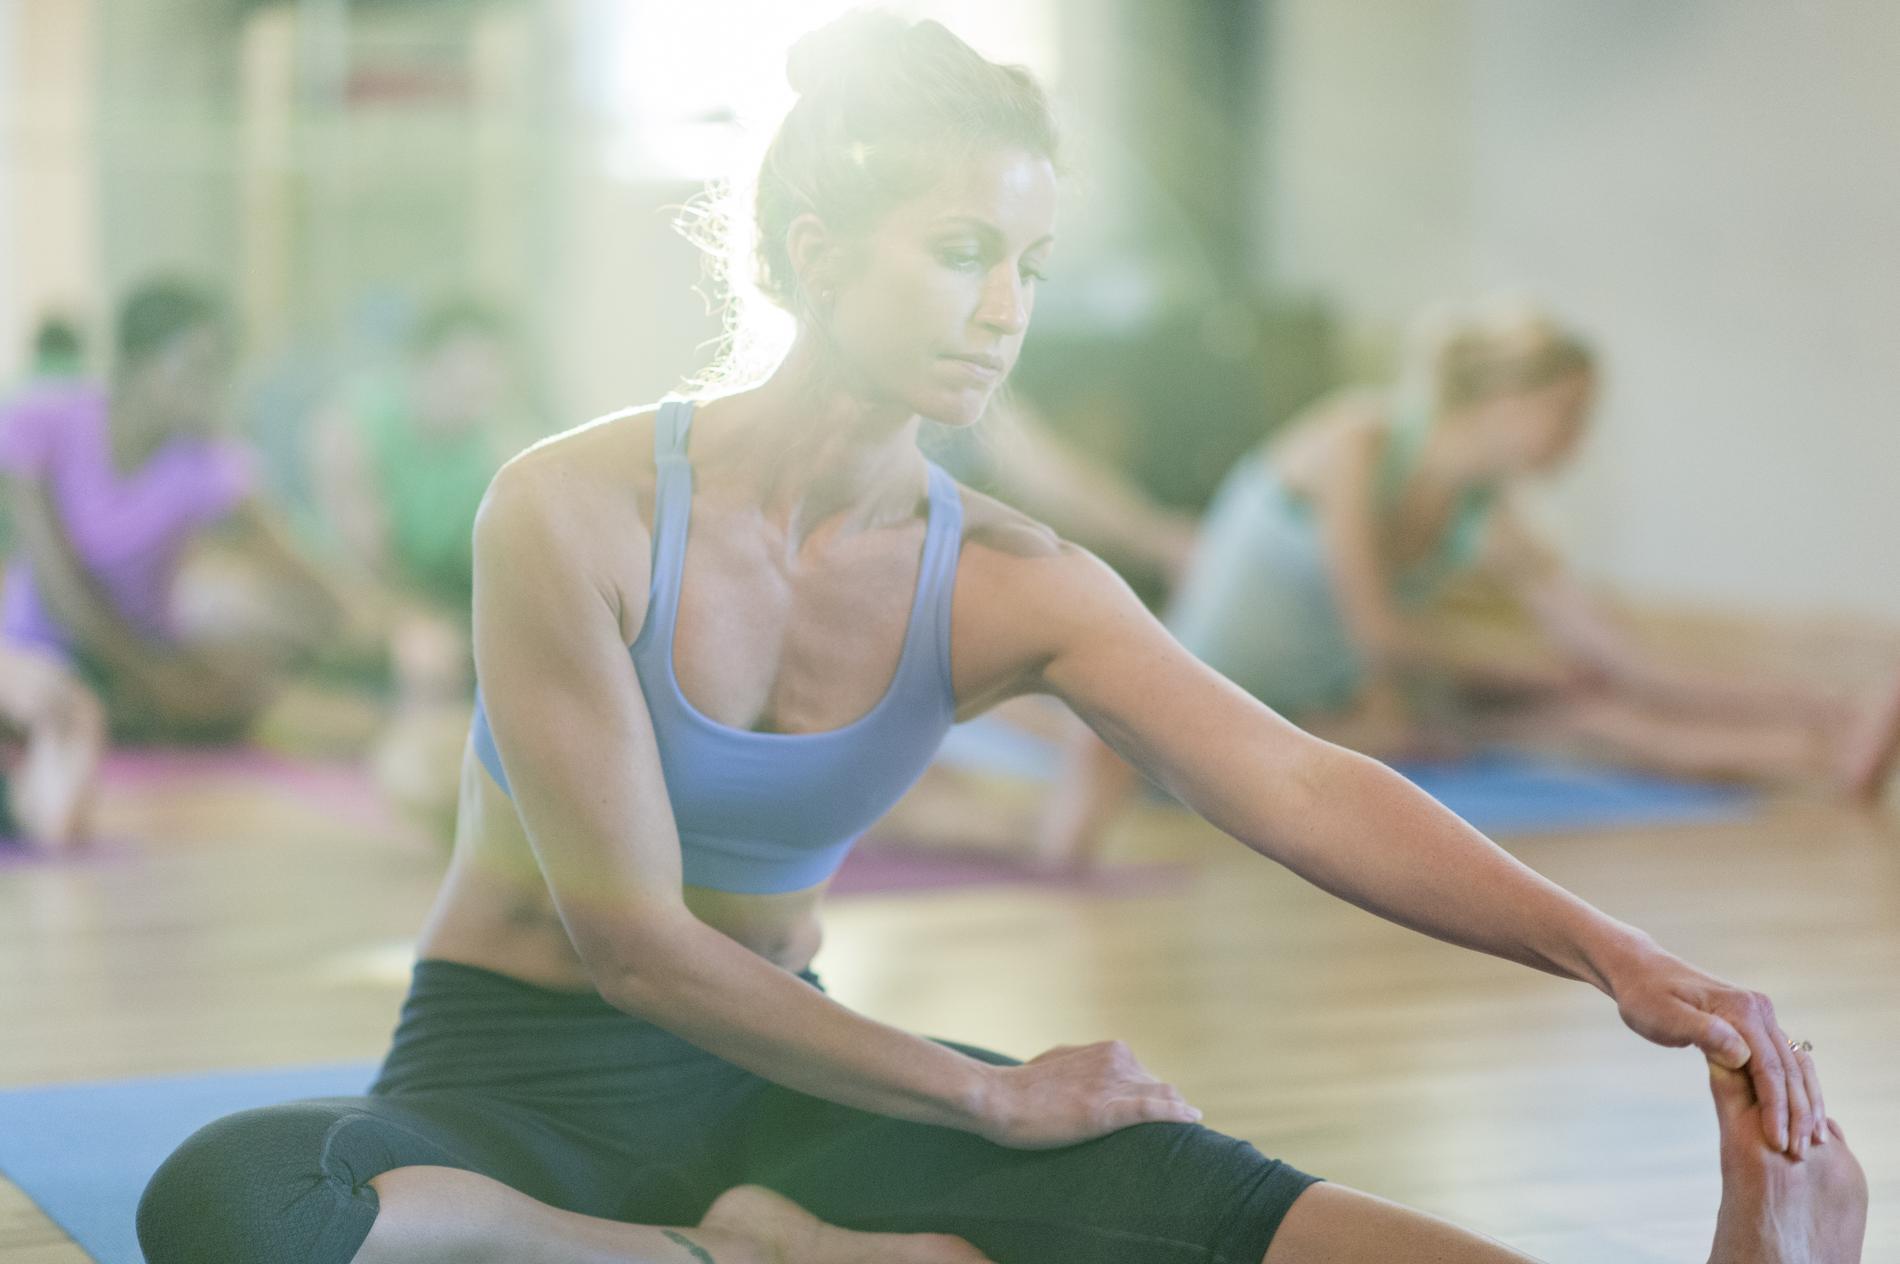 Devenir prof de yoga   du rêve à la désillusion - Madame Figaro b1b52c6330b